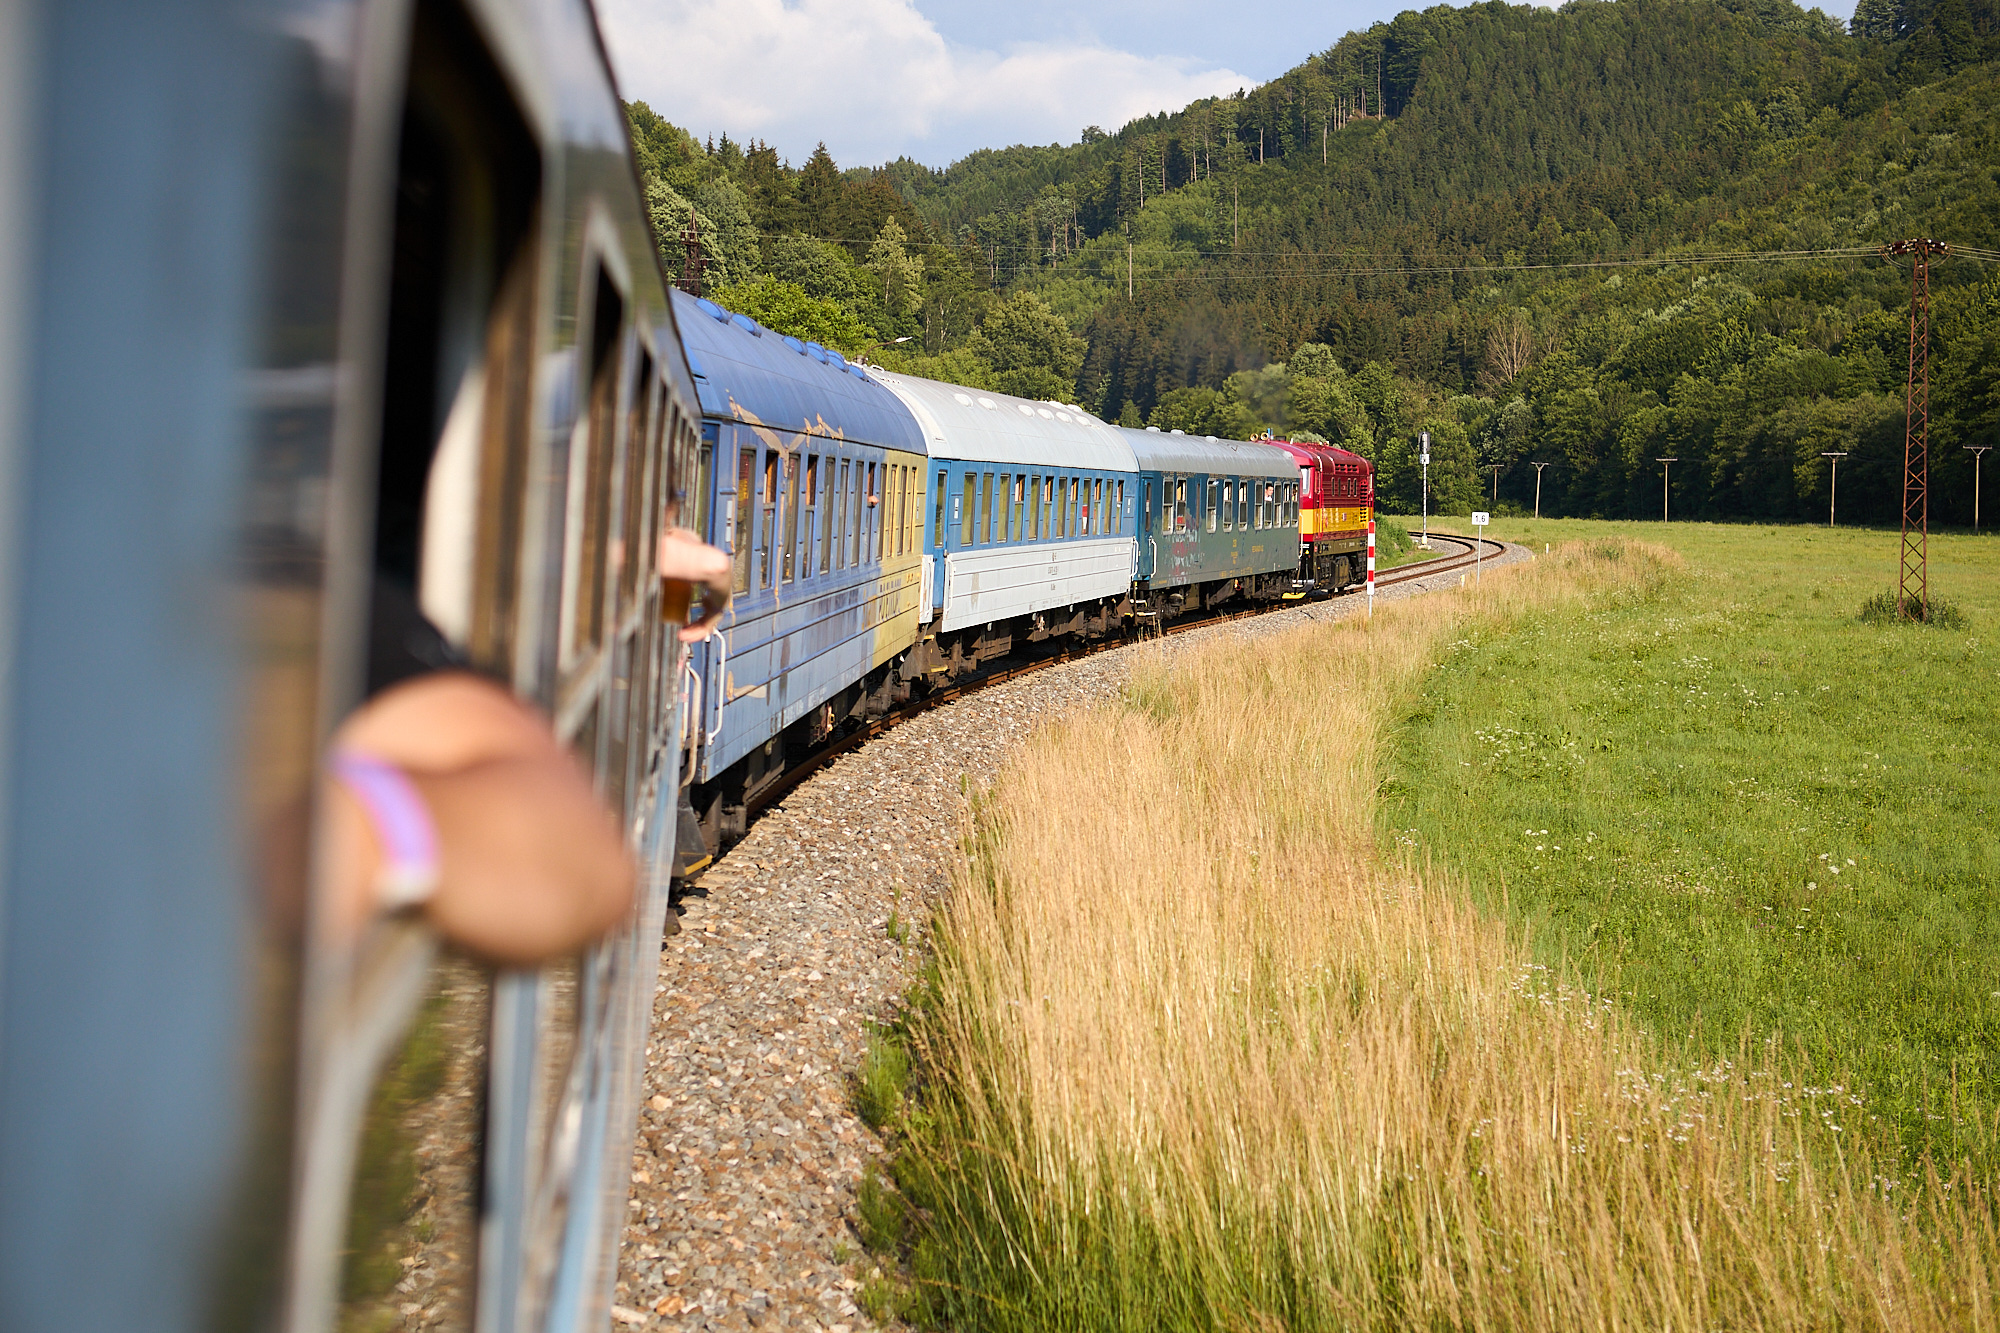 vlak do neznama